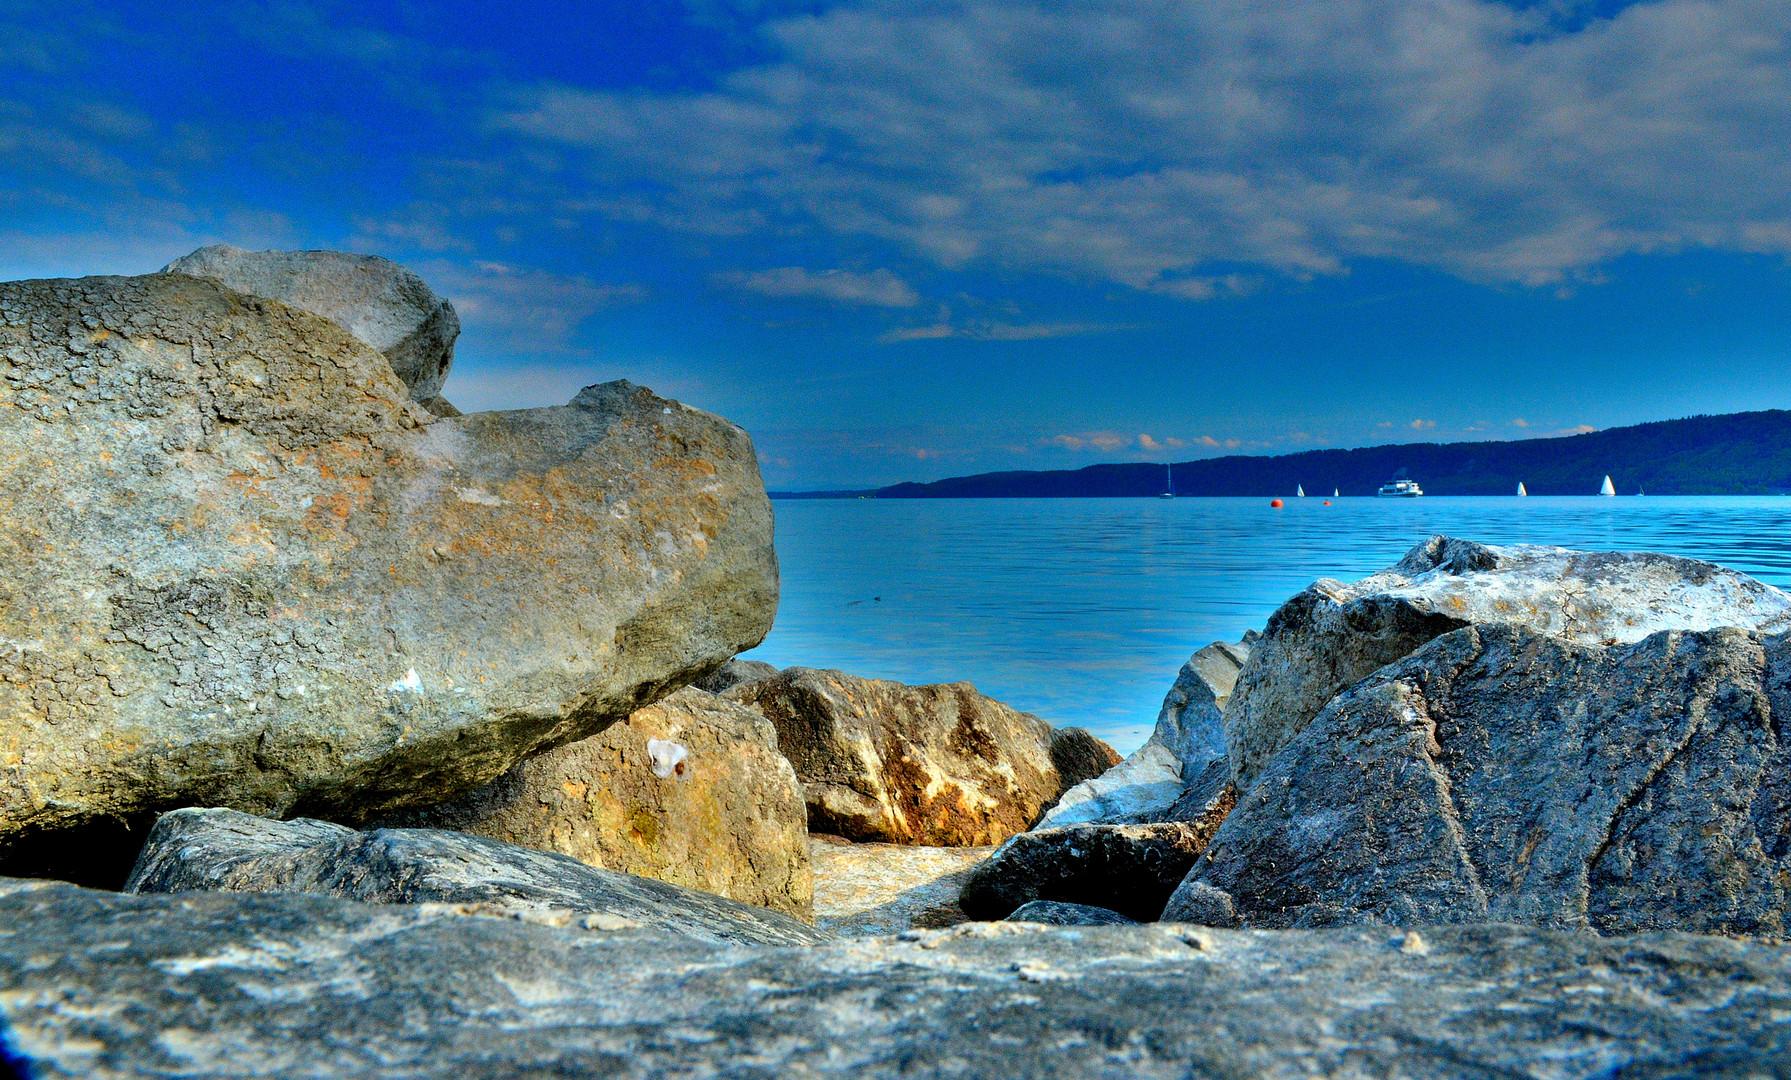 Felsen am schwäbischen Meer